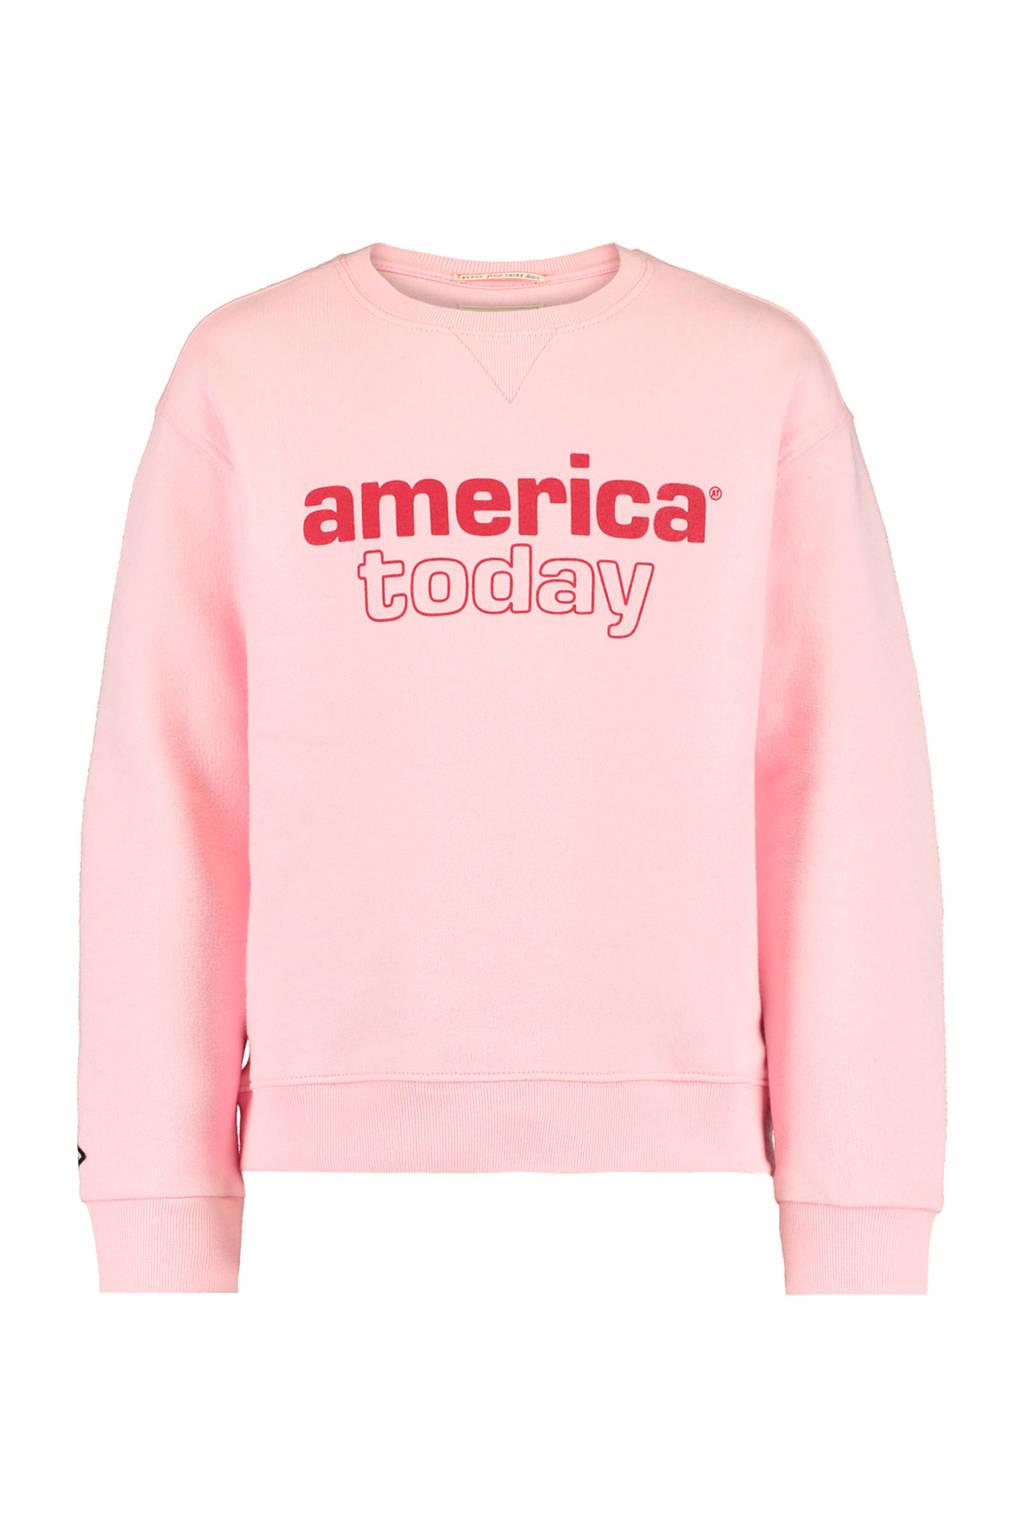 America Today Junior sweater Summer met logo lichtroze/rood, Lichtroze/rood